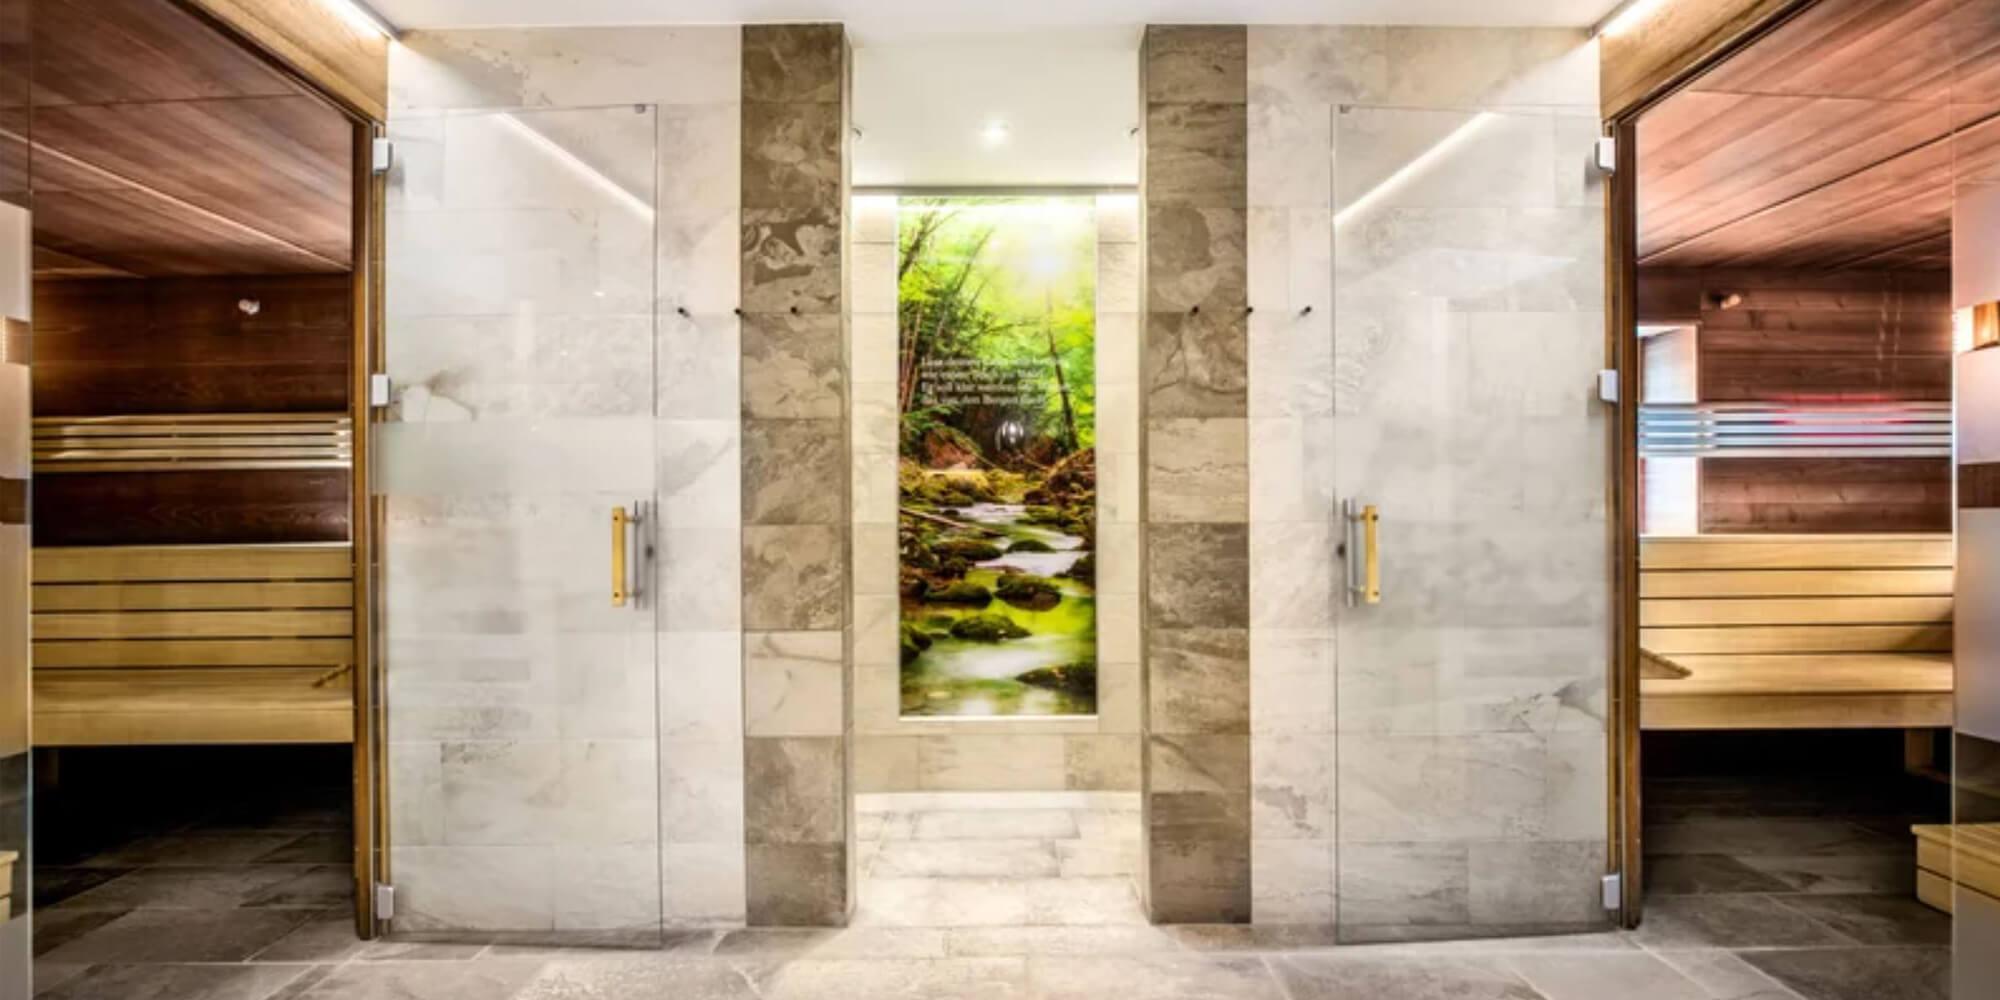 Crea-Plan-Design-Rauch-Frühmann-Architektur-Innenarchitektur-Design-Projekt-Referenz-Hotelerie-Gastronomie-Hotel-Donauschlinge-Wellness-5